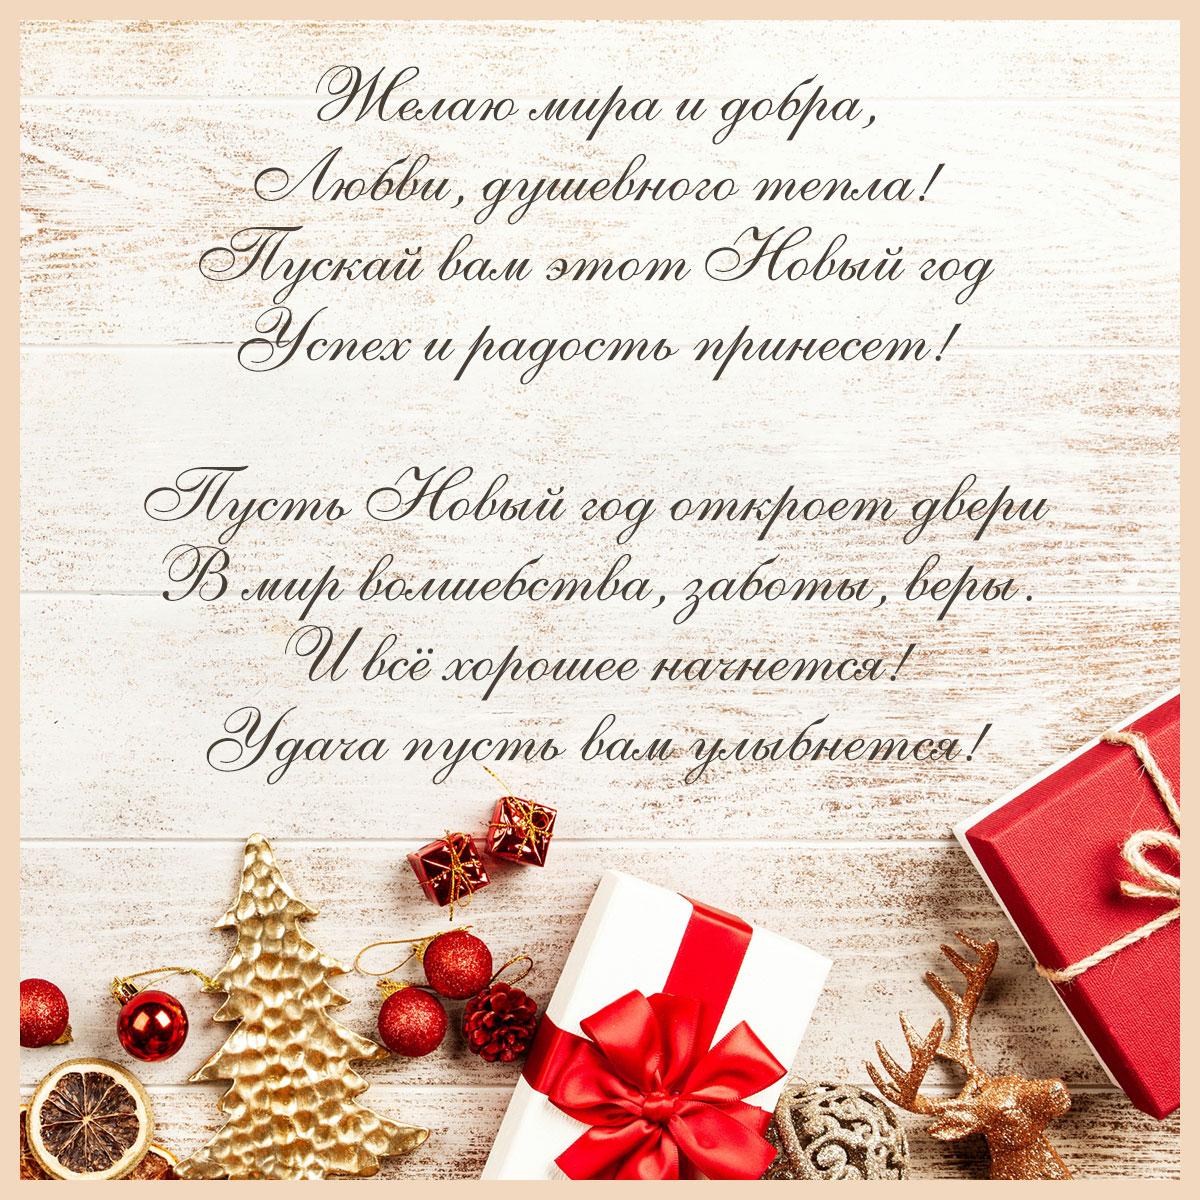 Картинка с текстом стихов для пожелания с новым годом каллиграфическим шрифтом на фоне с рождественскими украшениями и подарками в коробках.